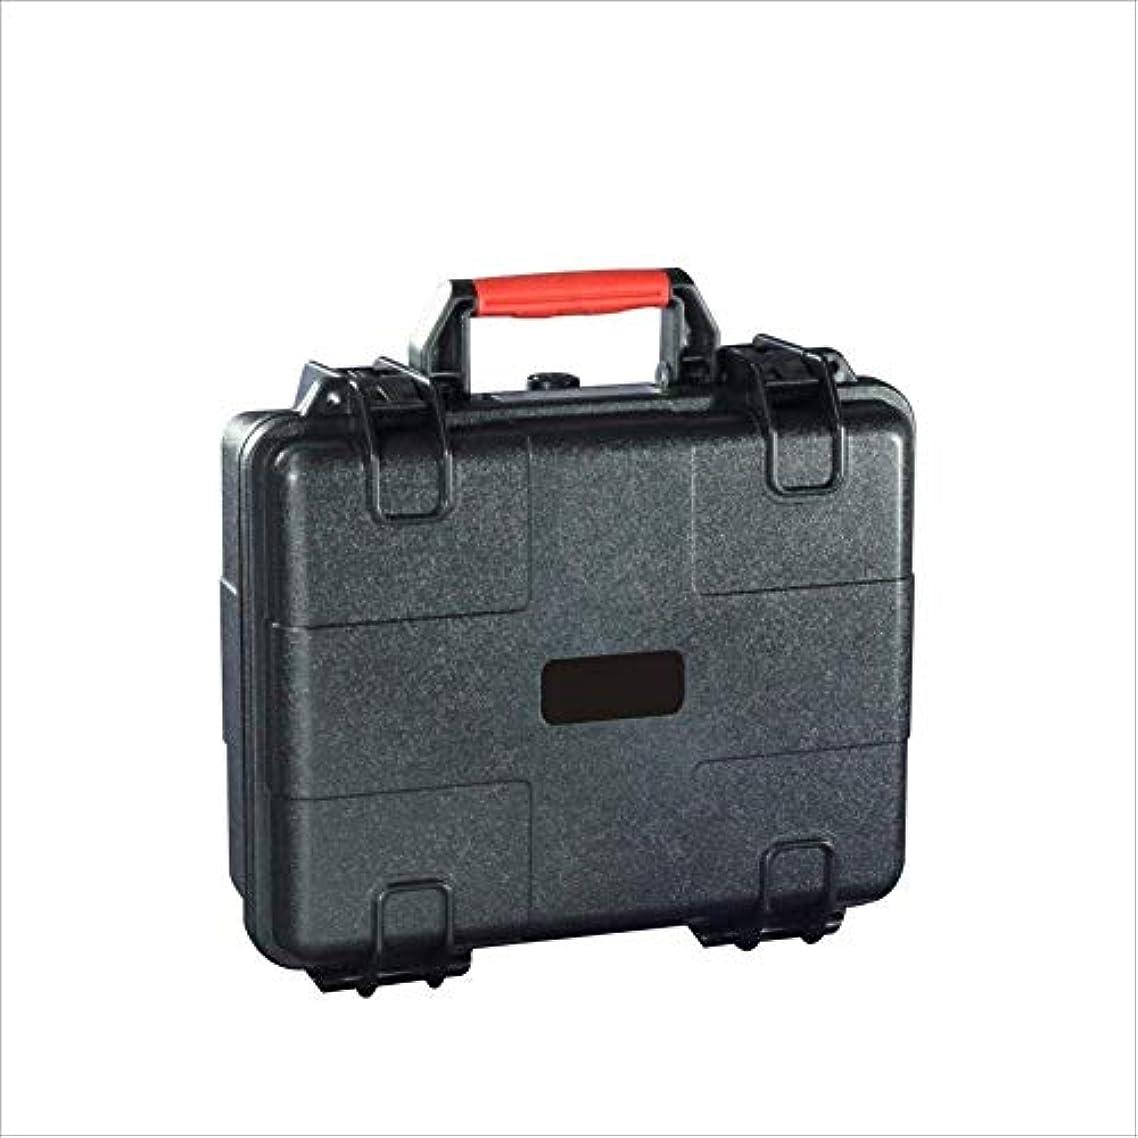 ピラミッドブロッサム申し立てられた安全保護ボックスアクセサリー多機能収納ボックス、機器保護ケースエンジニアリングABS素材